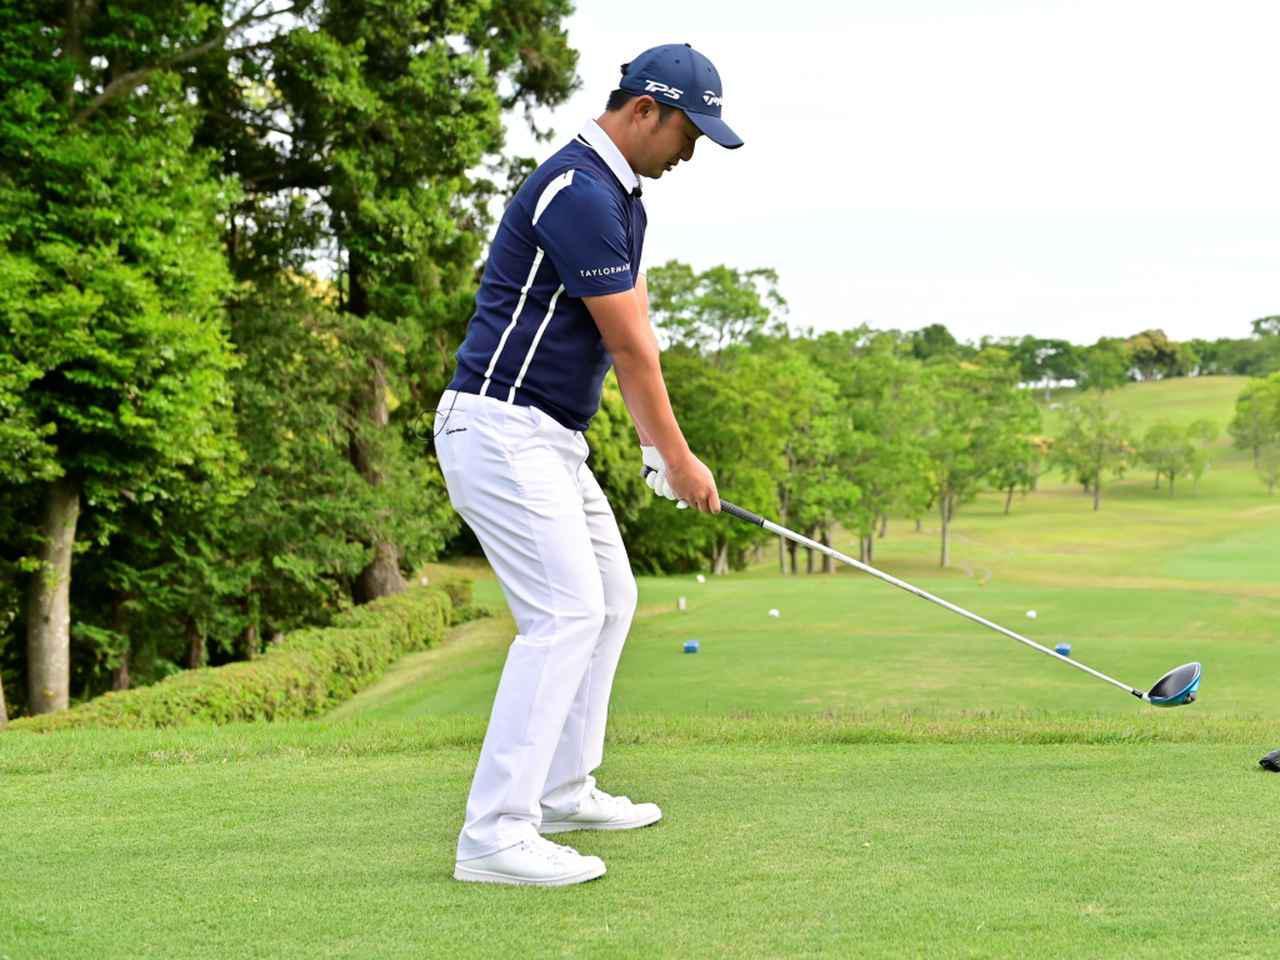 画像: 前傾姿勢を作る際にひざから先に曲げてしまうと、ボールと体の距離関係が変わってしまったり、股関節が曲げづらくなることでクラブや体を回しづらくなる原因になると目澤